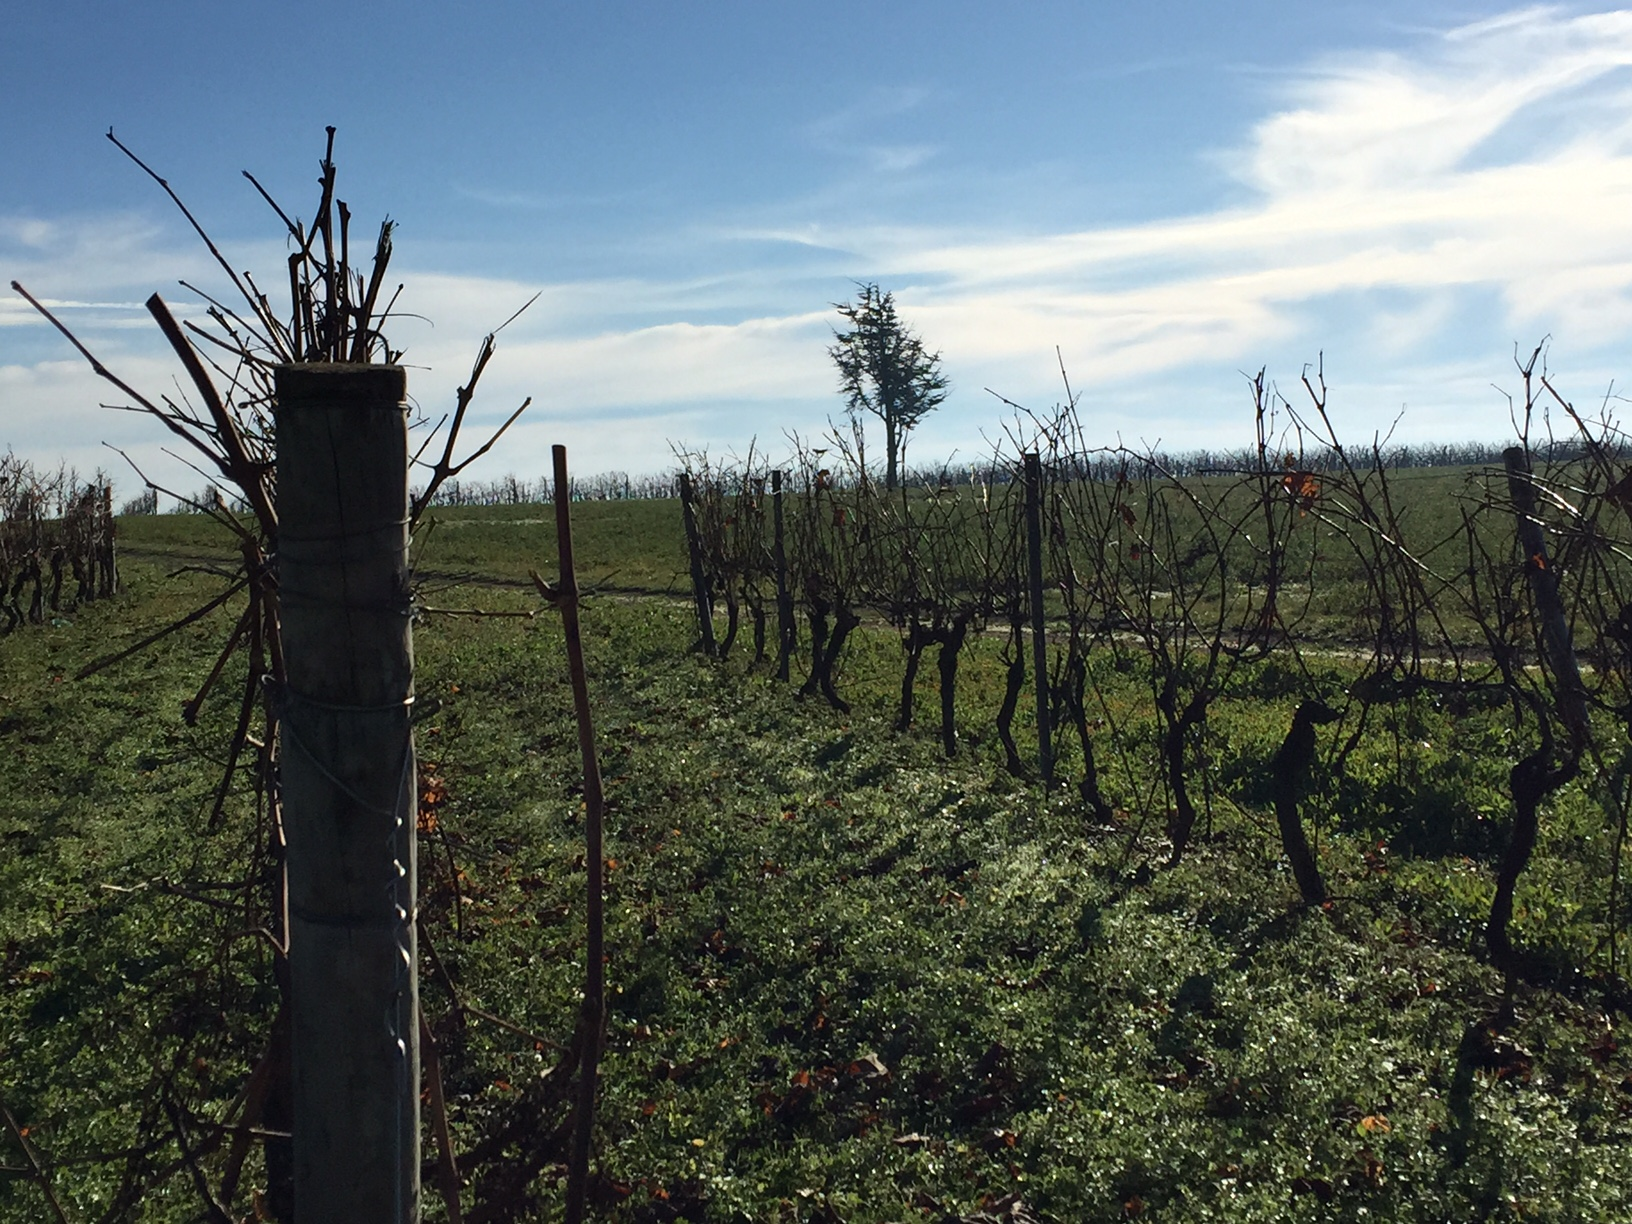 livingincognac - truffieres et vignes